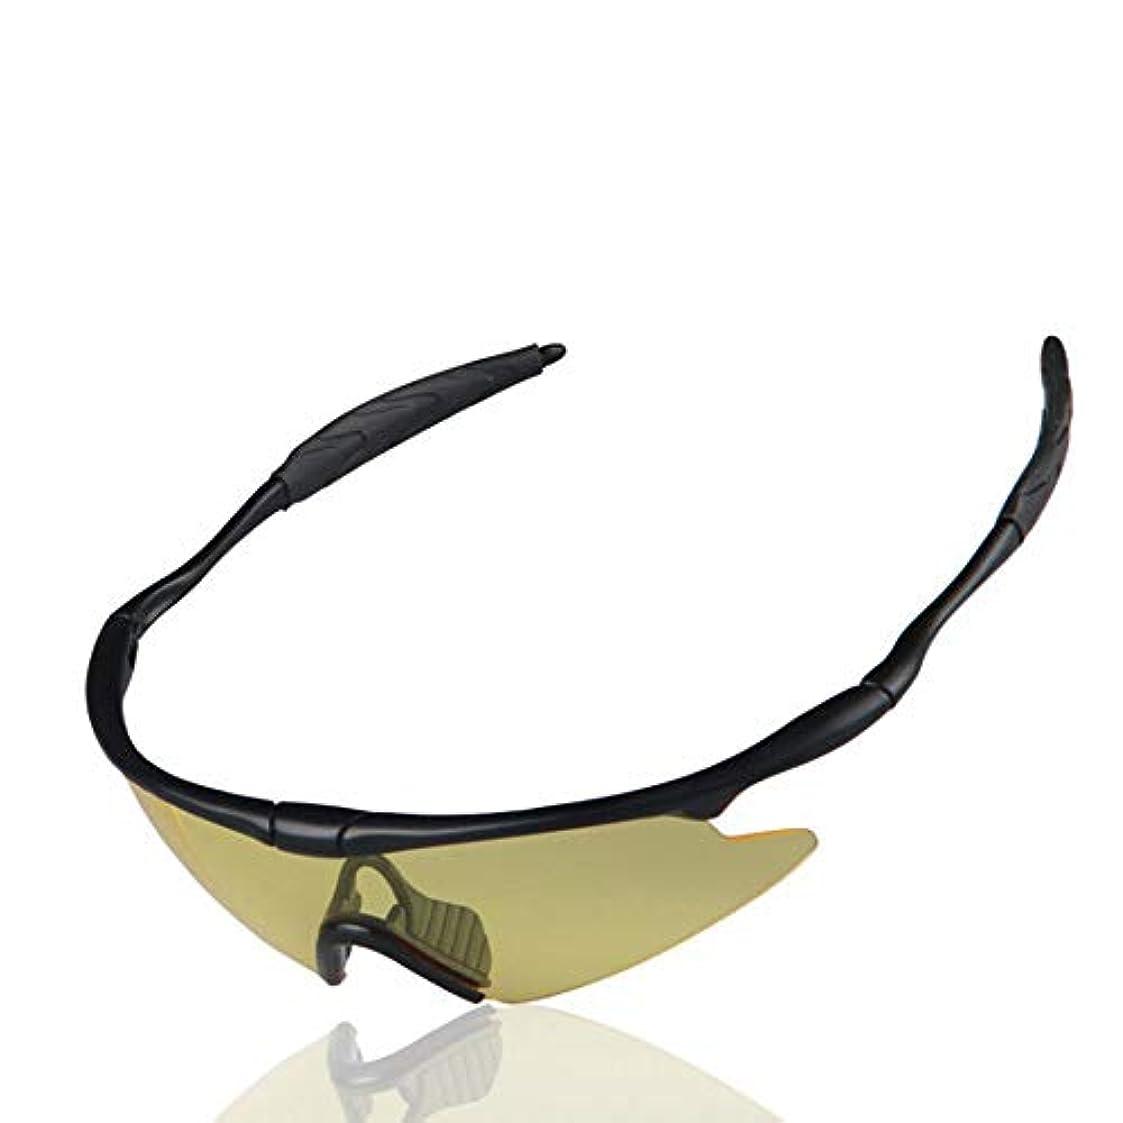 財政あいまいさ説明的サイクリングメガネ 男性と女性のためのスポーツサングラス400保護 - メンズ/レディース5色用ランニング/サイクリング/スキー/スノーボードフレームデザイン (Color : Yellow Lenses)